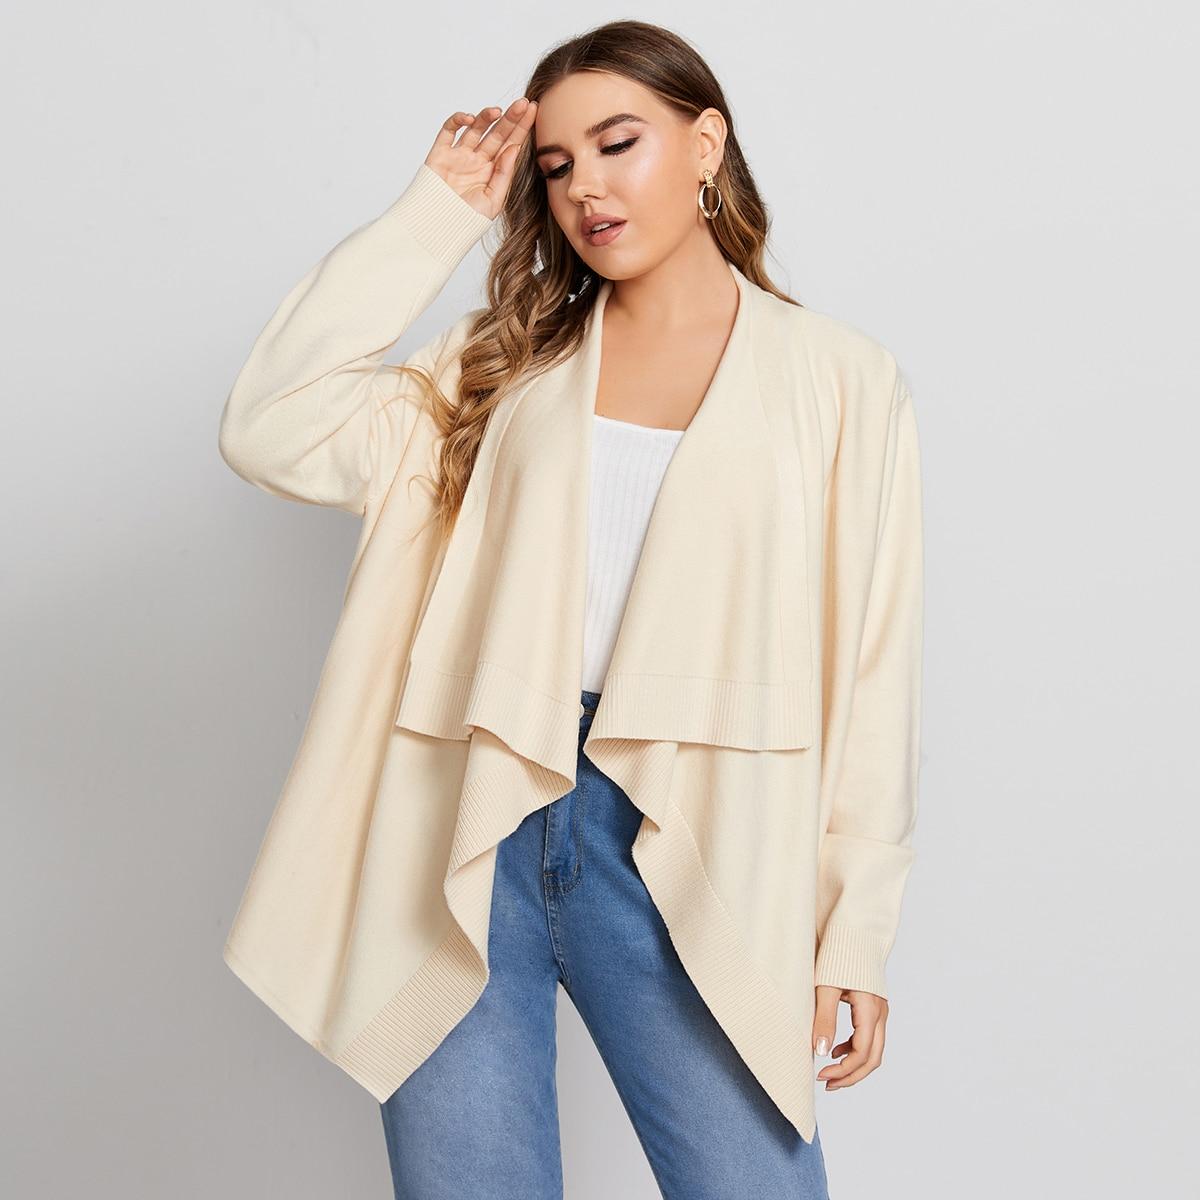 Plus Waterfall Collar Solid Cardigan